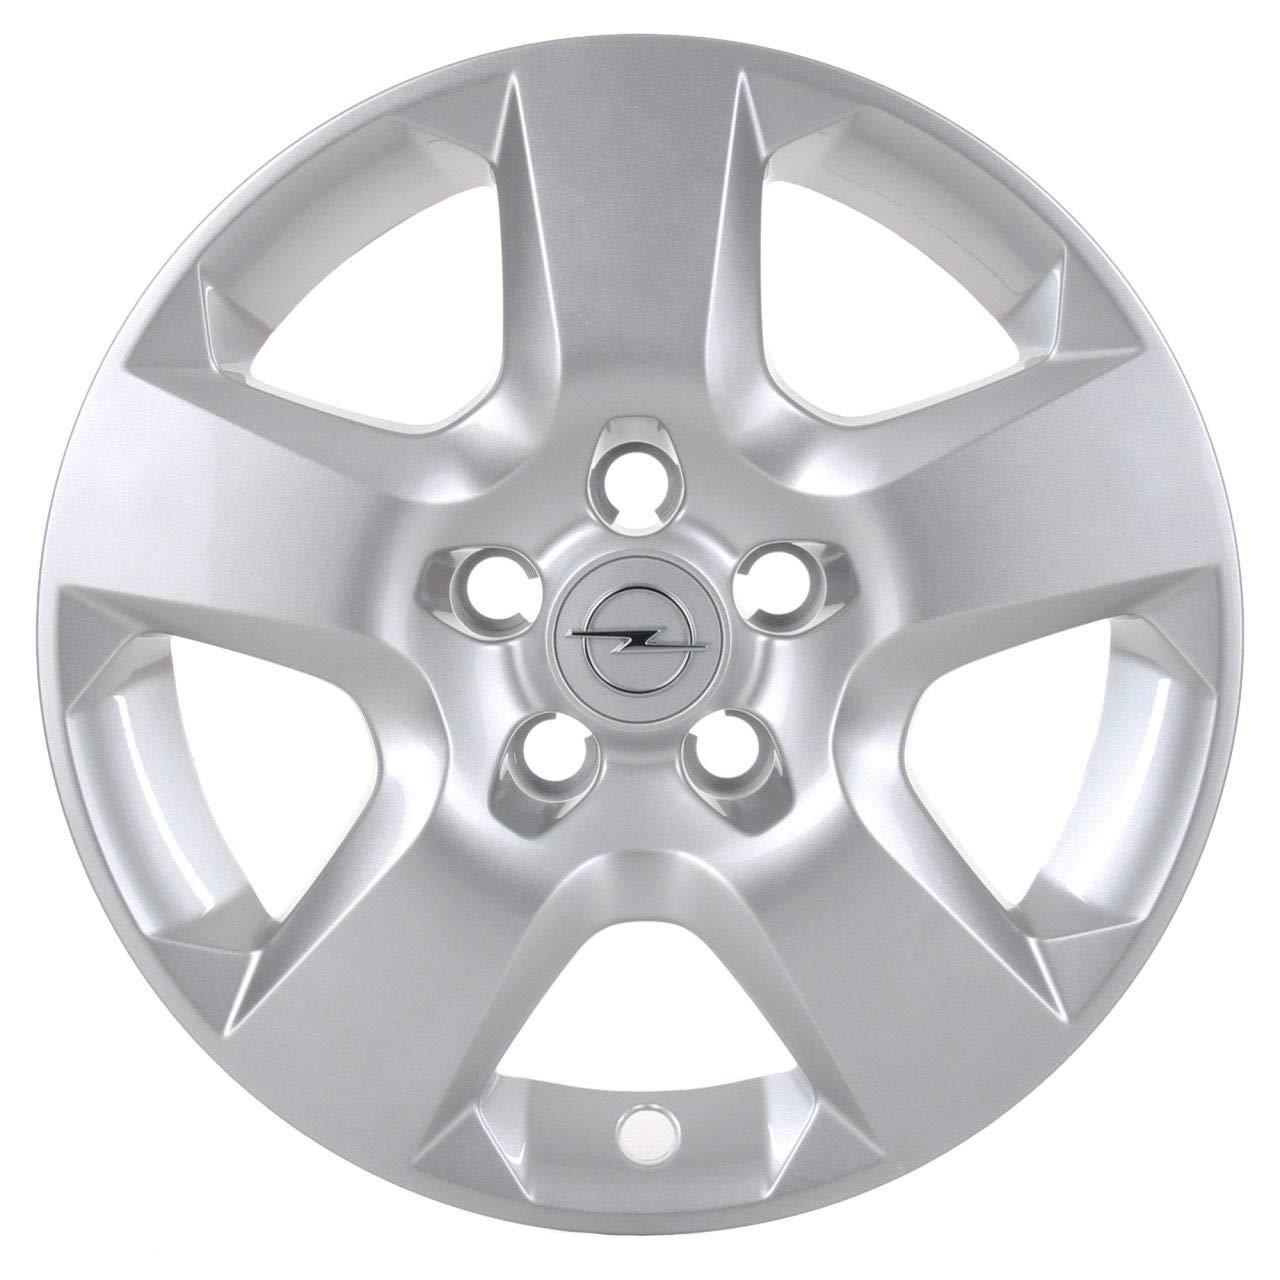 Opel Recambios Originales GM 1 x Tapacubo Plata Cromado 16 Pulgadas Astra H Zafira B 1006077/13198634: Amazon.es: Coche y moto